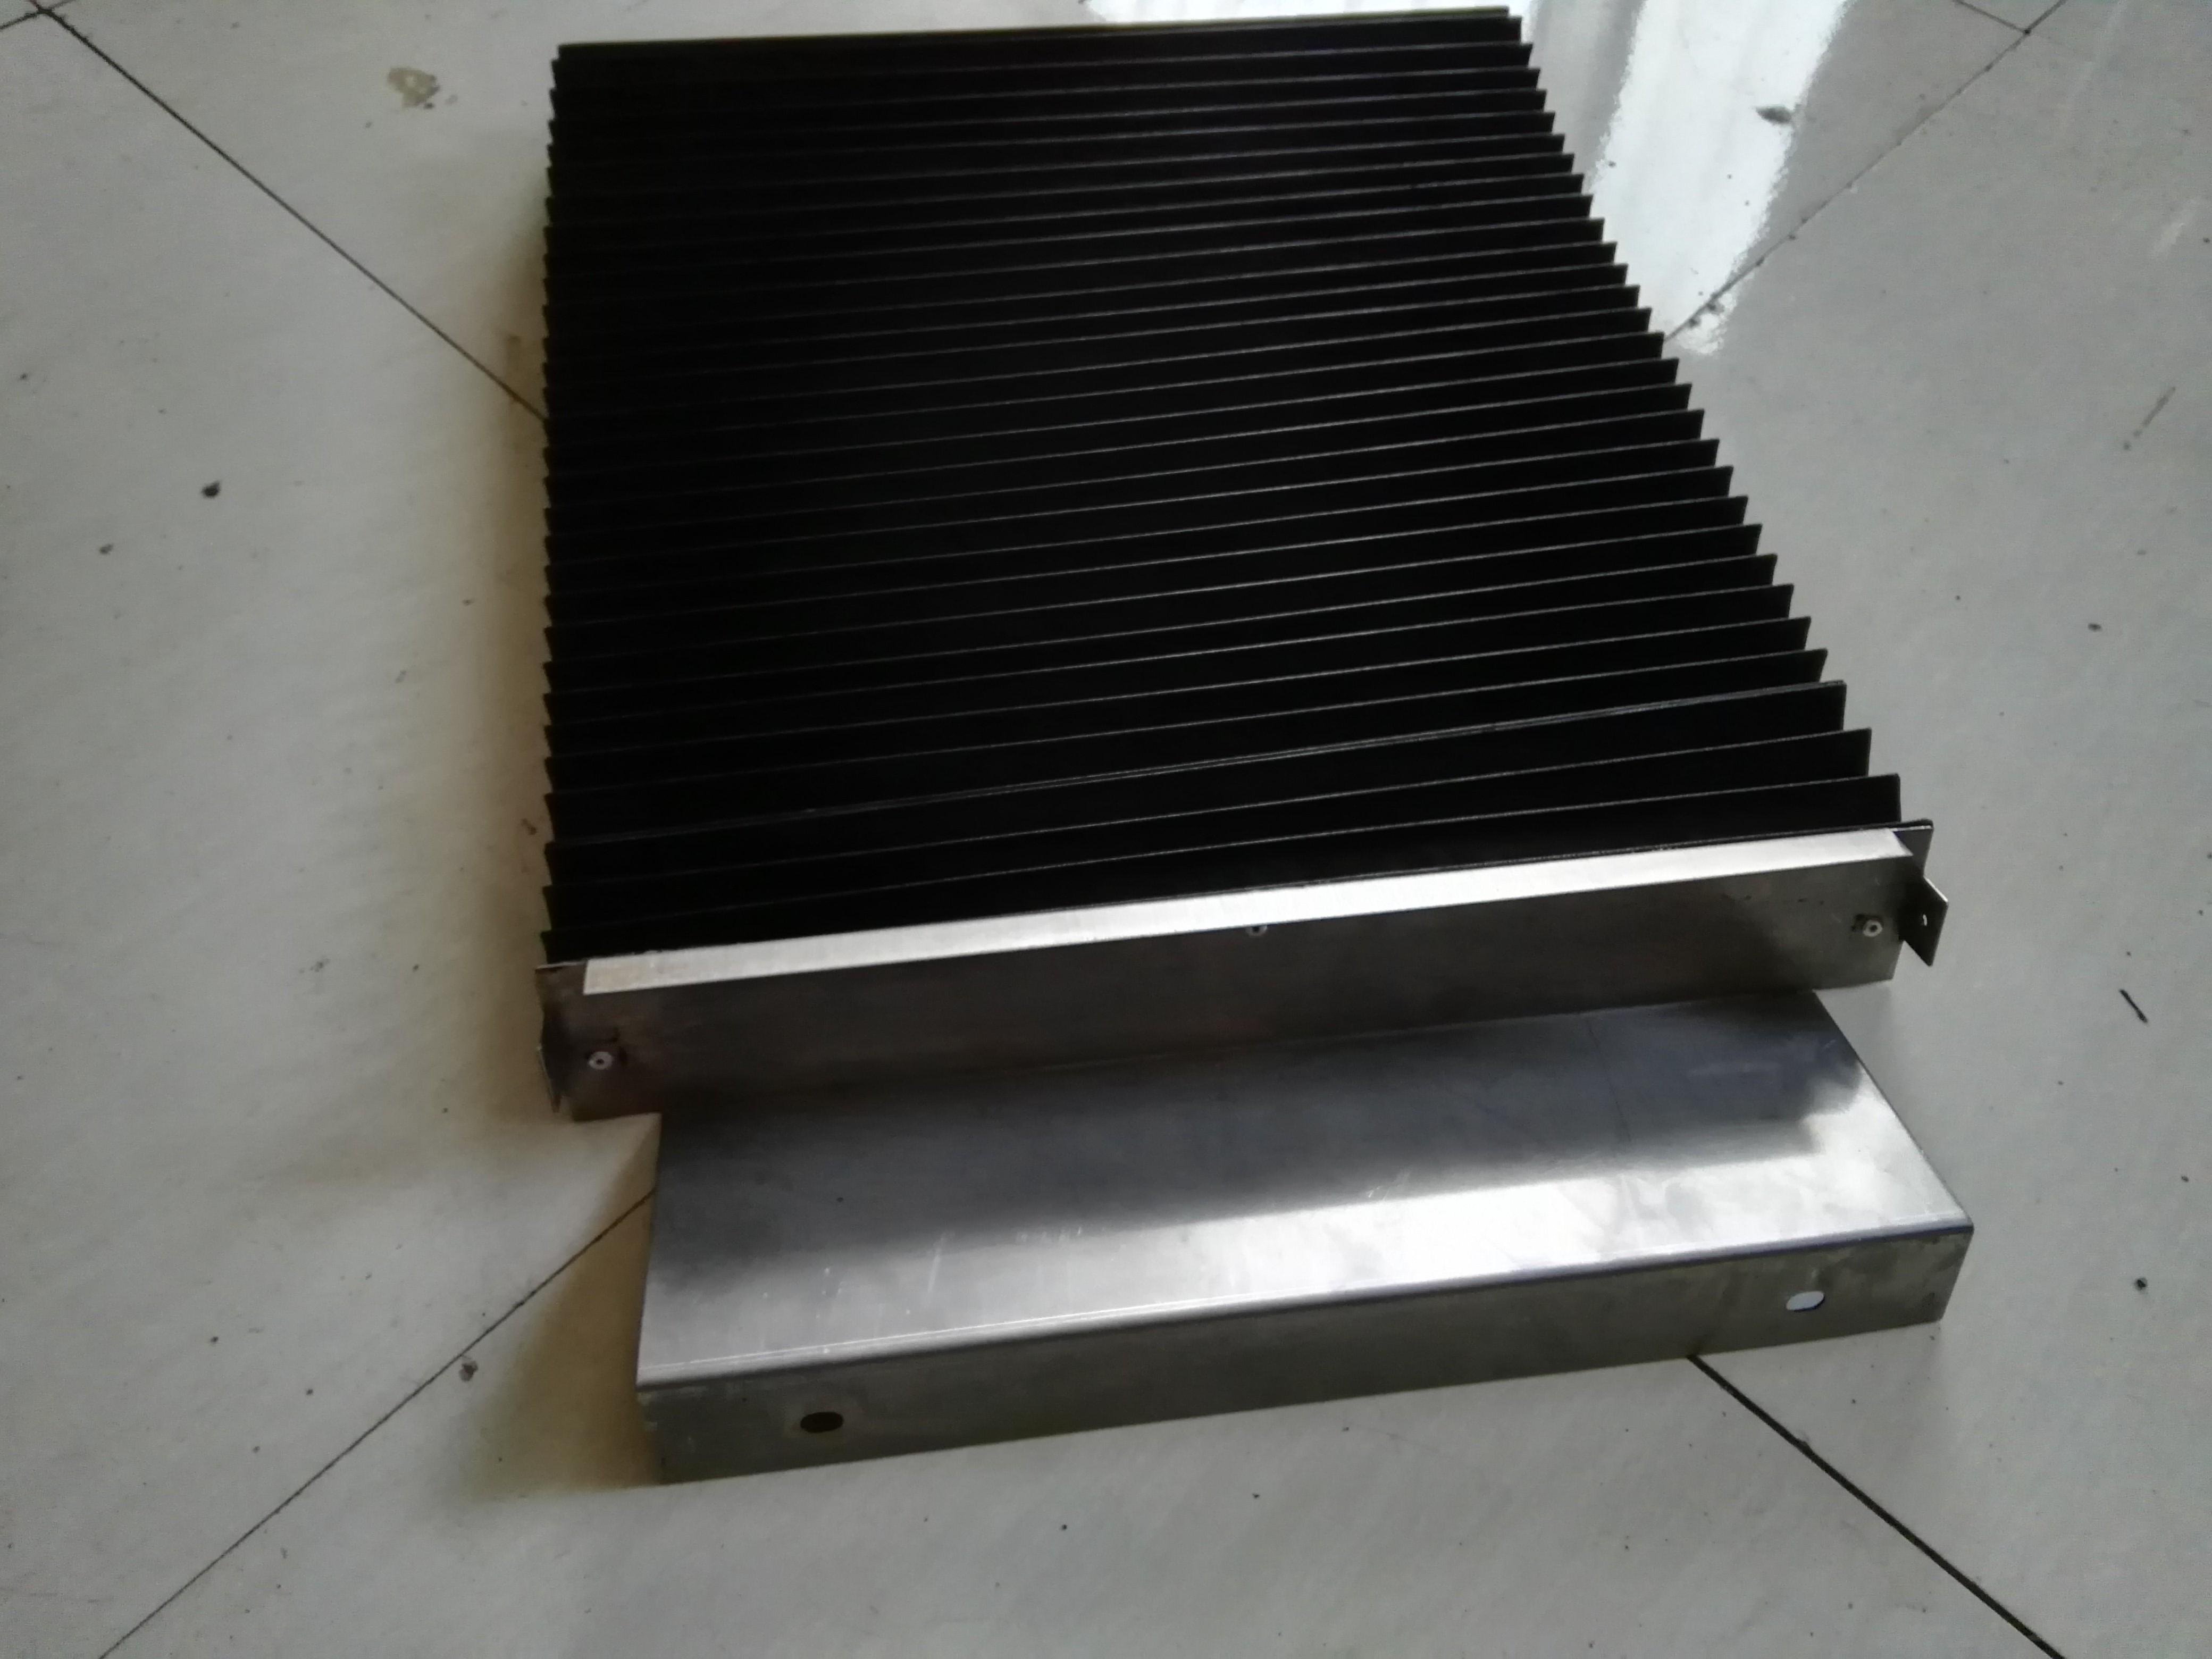 伸缩防尘罩供应商_缝合式油缸机床护罩-沧州万东机械制造有限公司